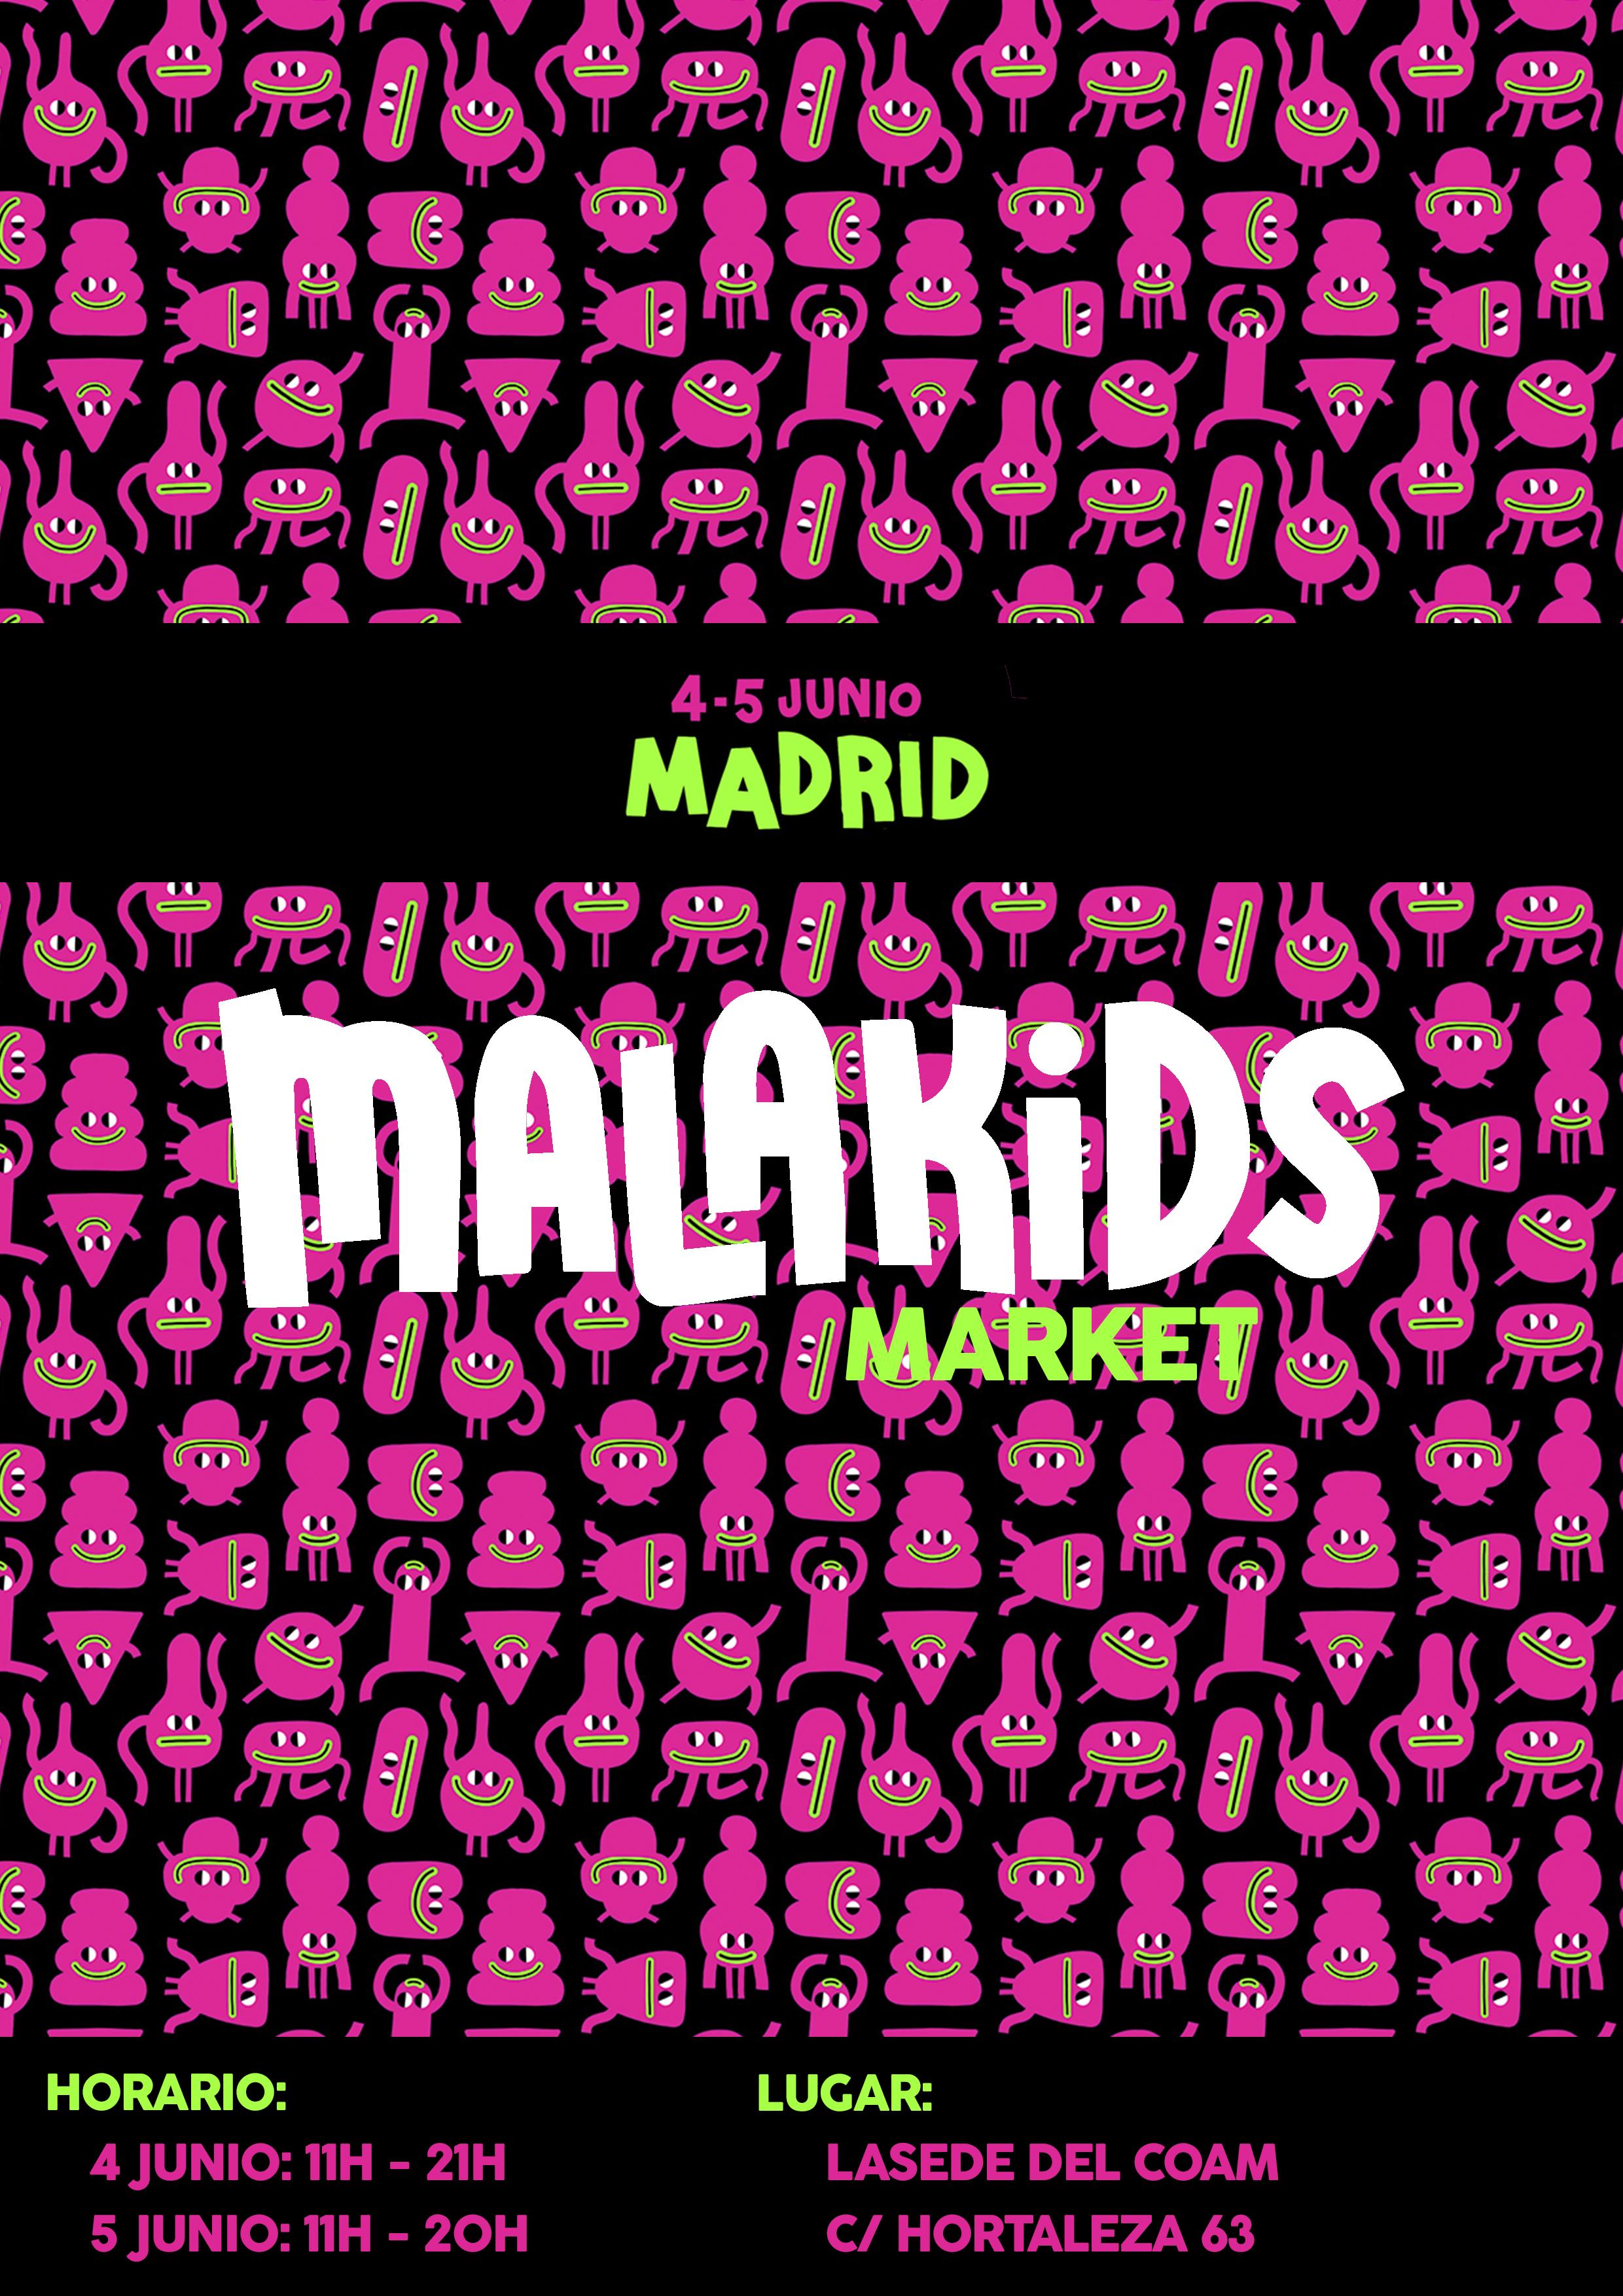 CARTEL MALAKIDS MARKET